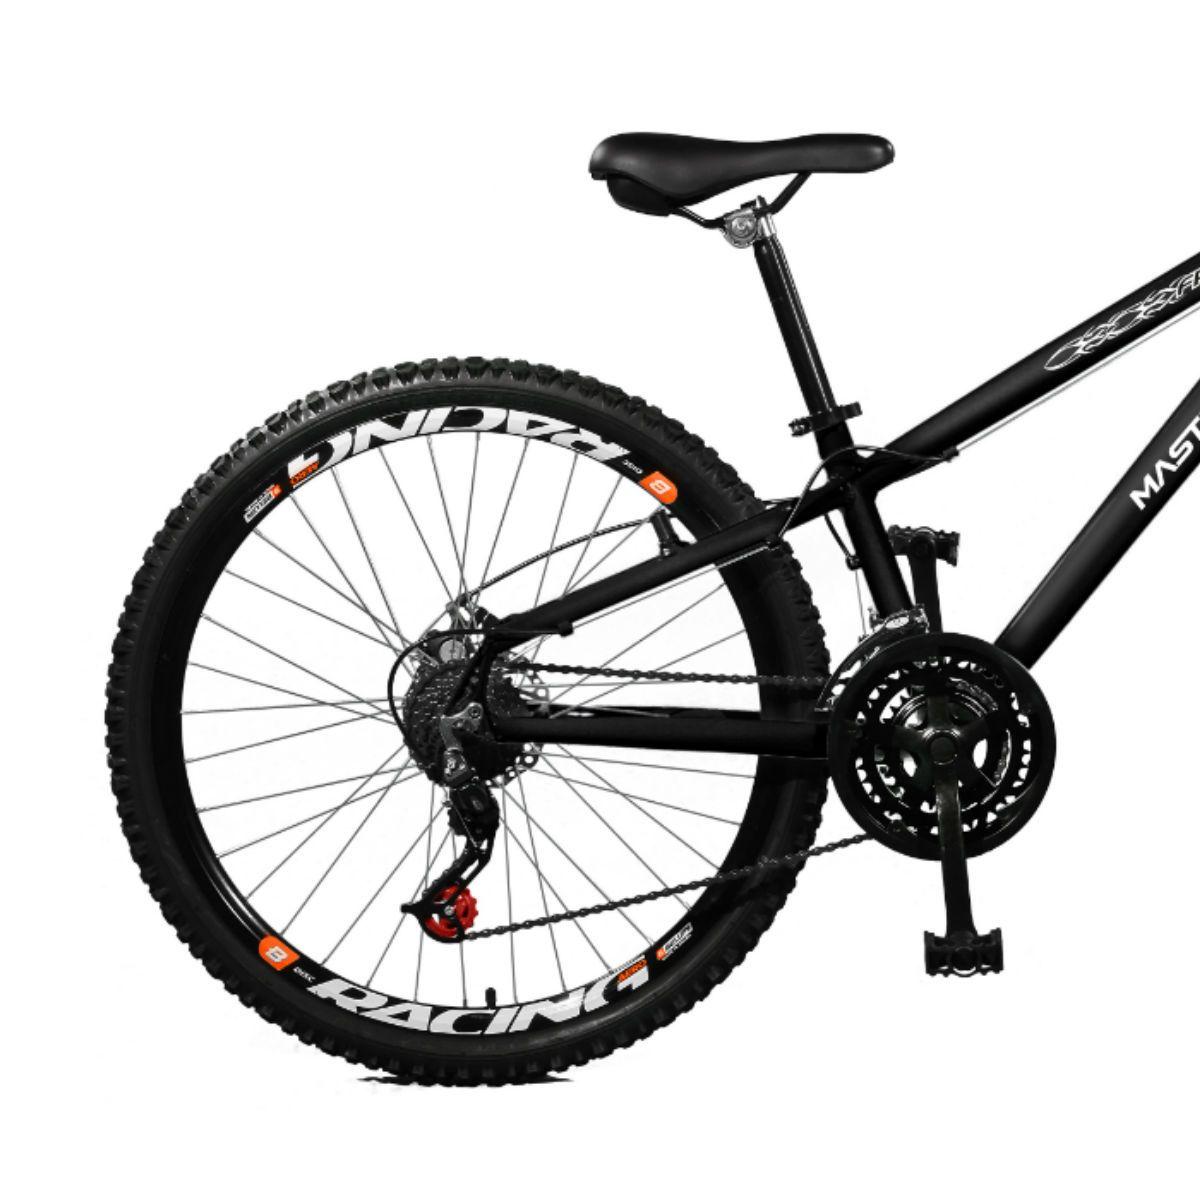 Bicicleta Master Bike Aro 26 Free Rider Freio à Disco A-36 21 V Preto